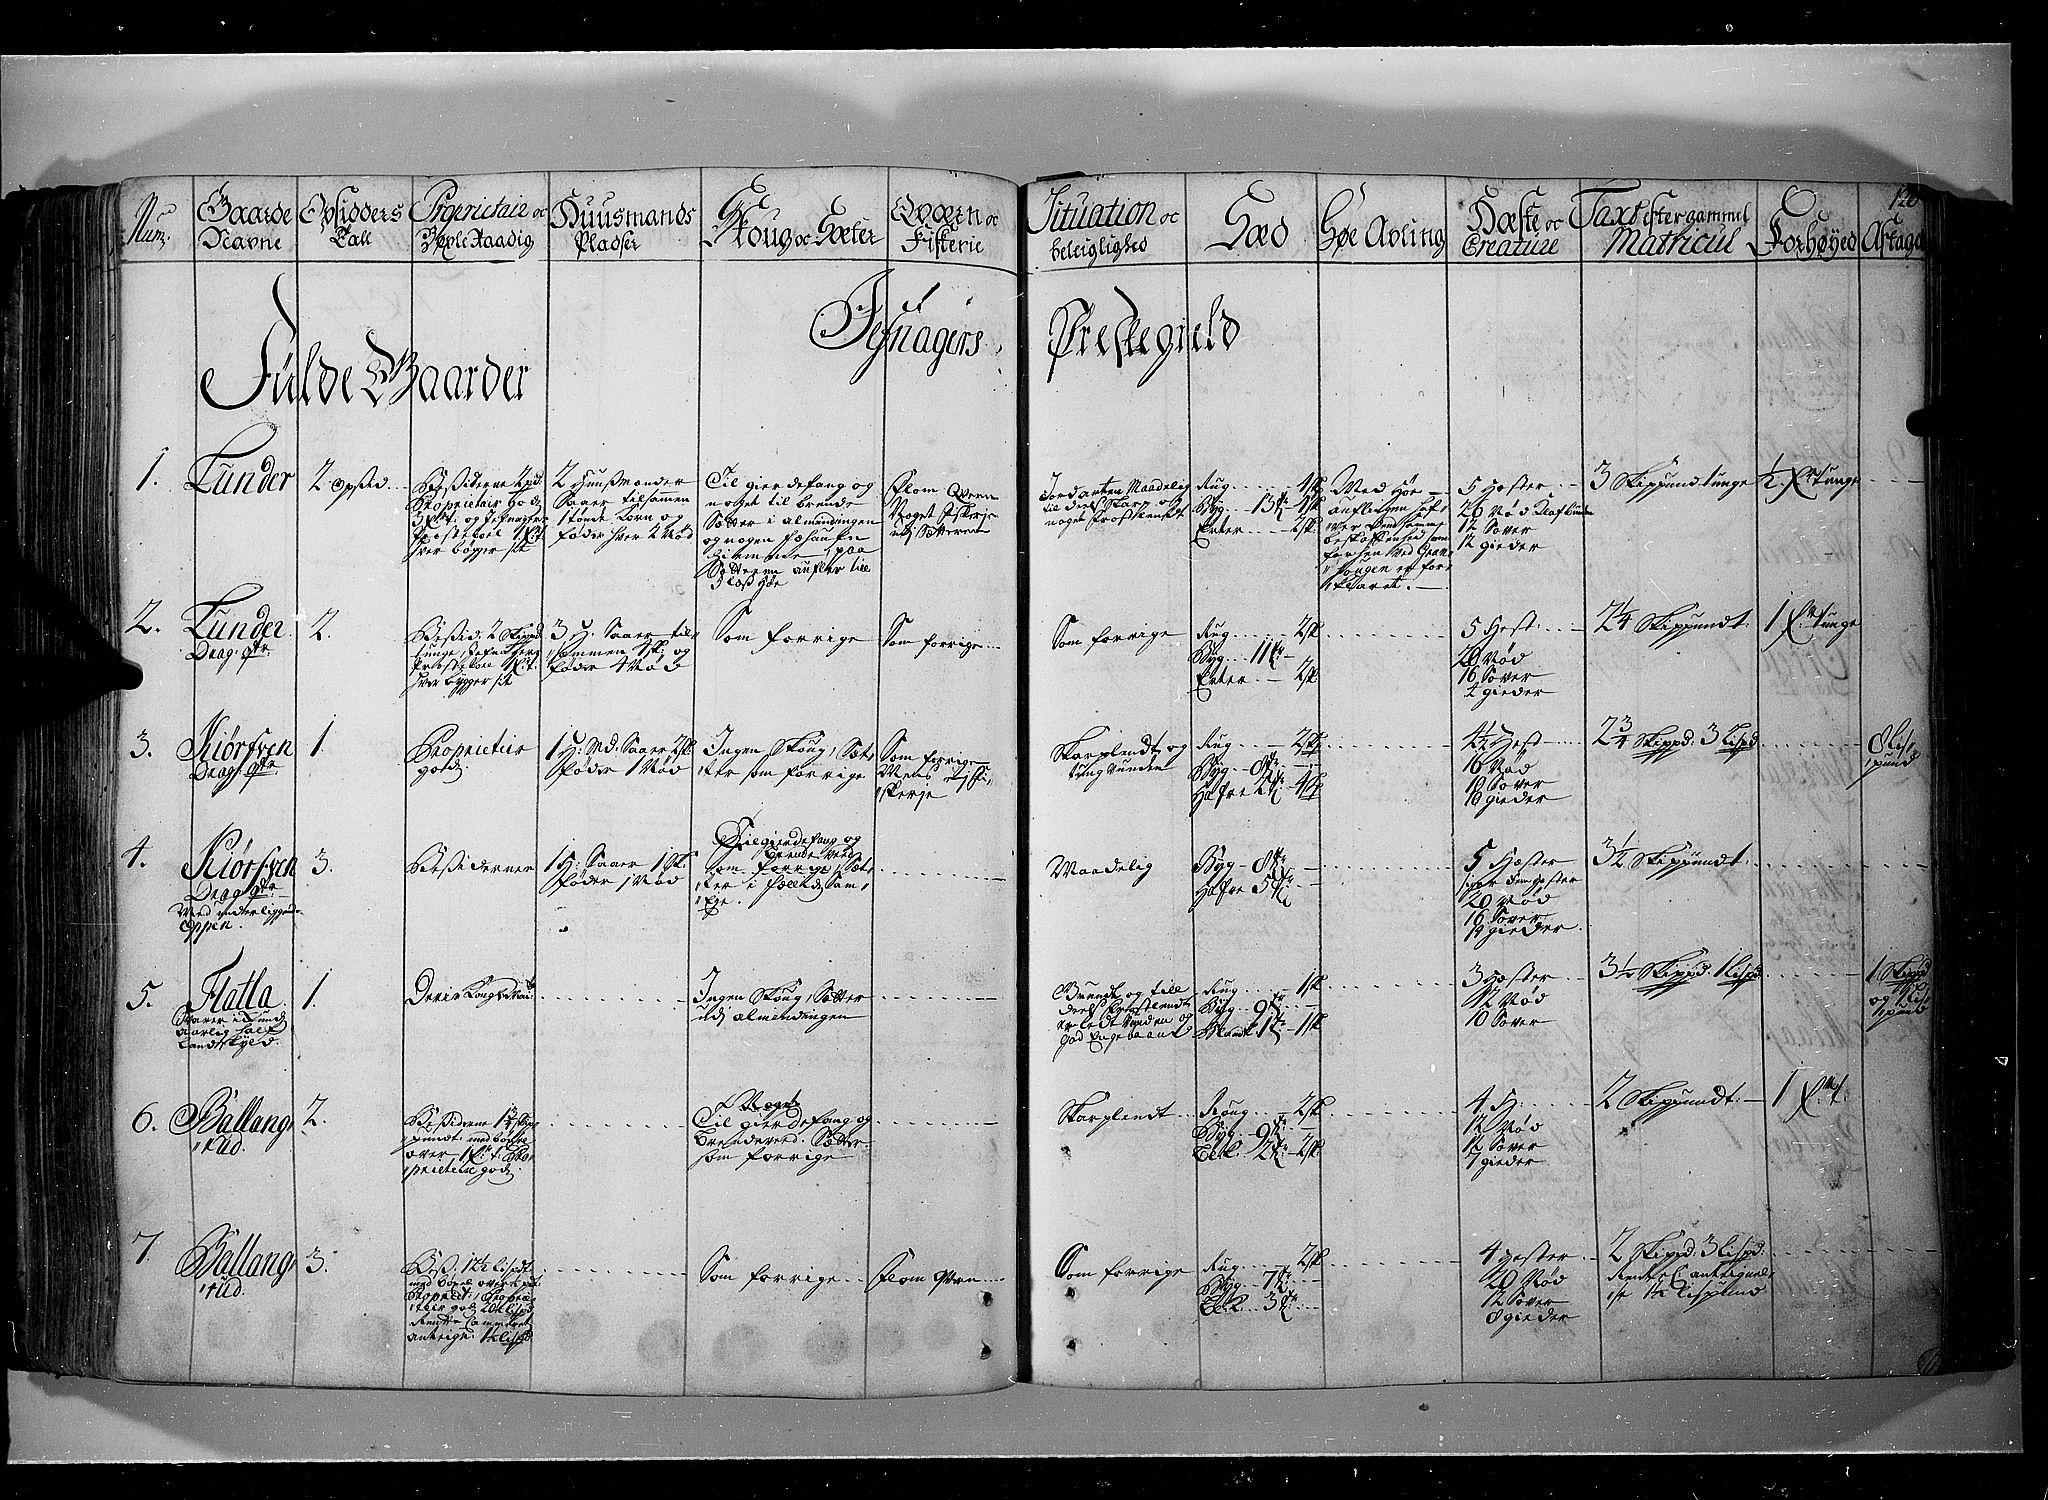 RA, Rentekammeret inntil 1814, Realistisk ordnet avdeling, N/Nb/Nbf/L0104: Hadeland, Toten og Valdres eksaminasjonsprotokoll, 1723, s. 125b-126a